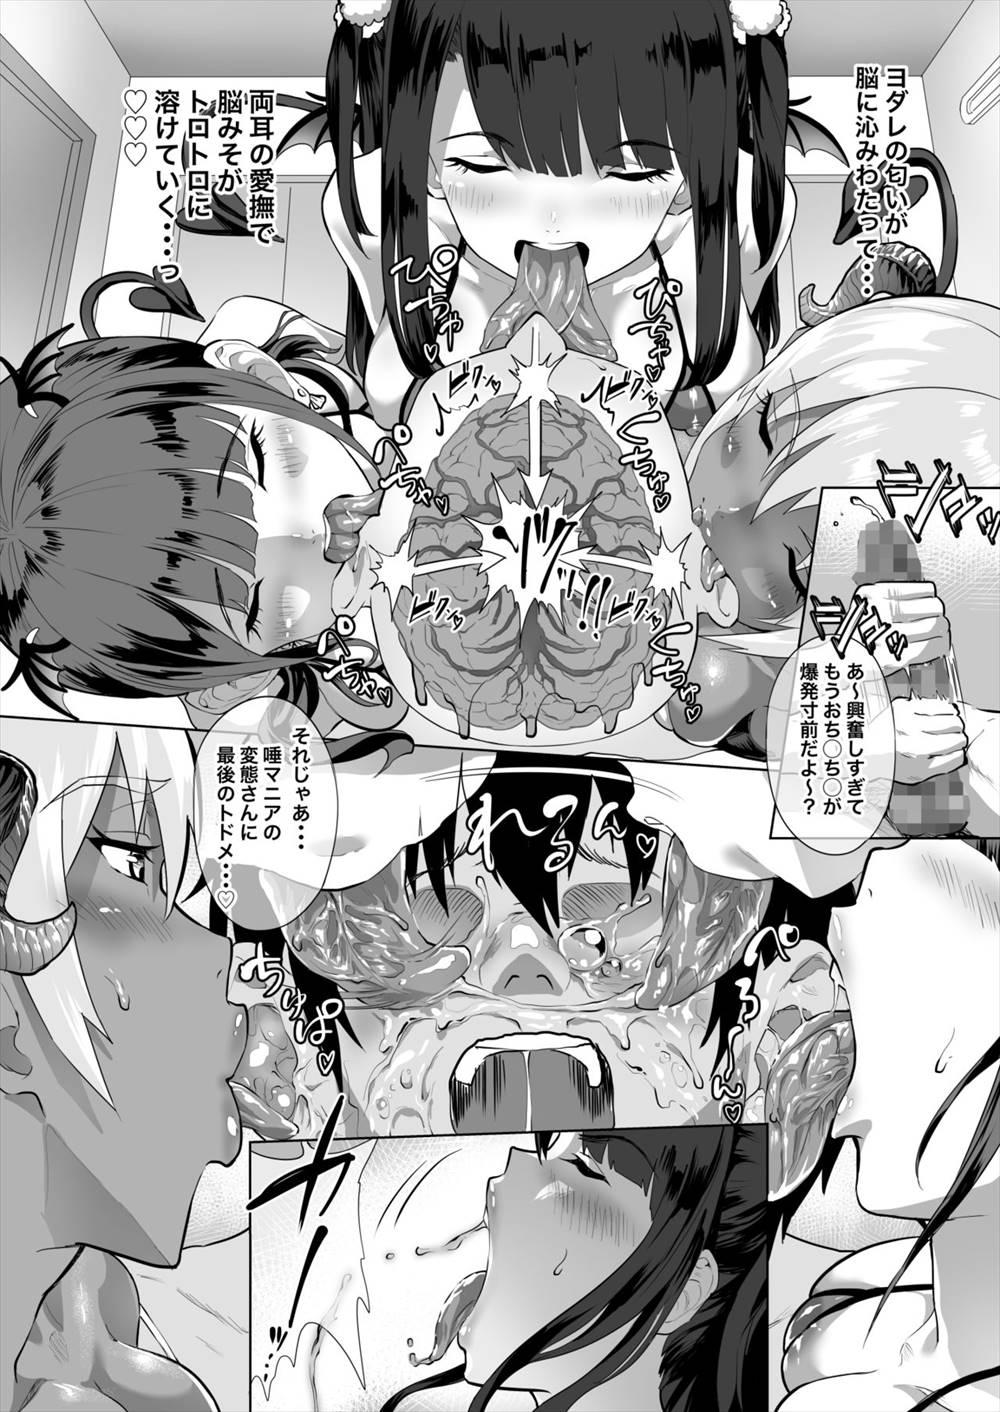 【エロ同人誌】デリヘルサキュバスを呼んだ青年…唾液で発情して3p乱交しちゃうww【ナビエ遥か2T:デリ☆サキュ!! vol.2.0】